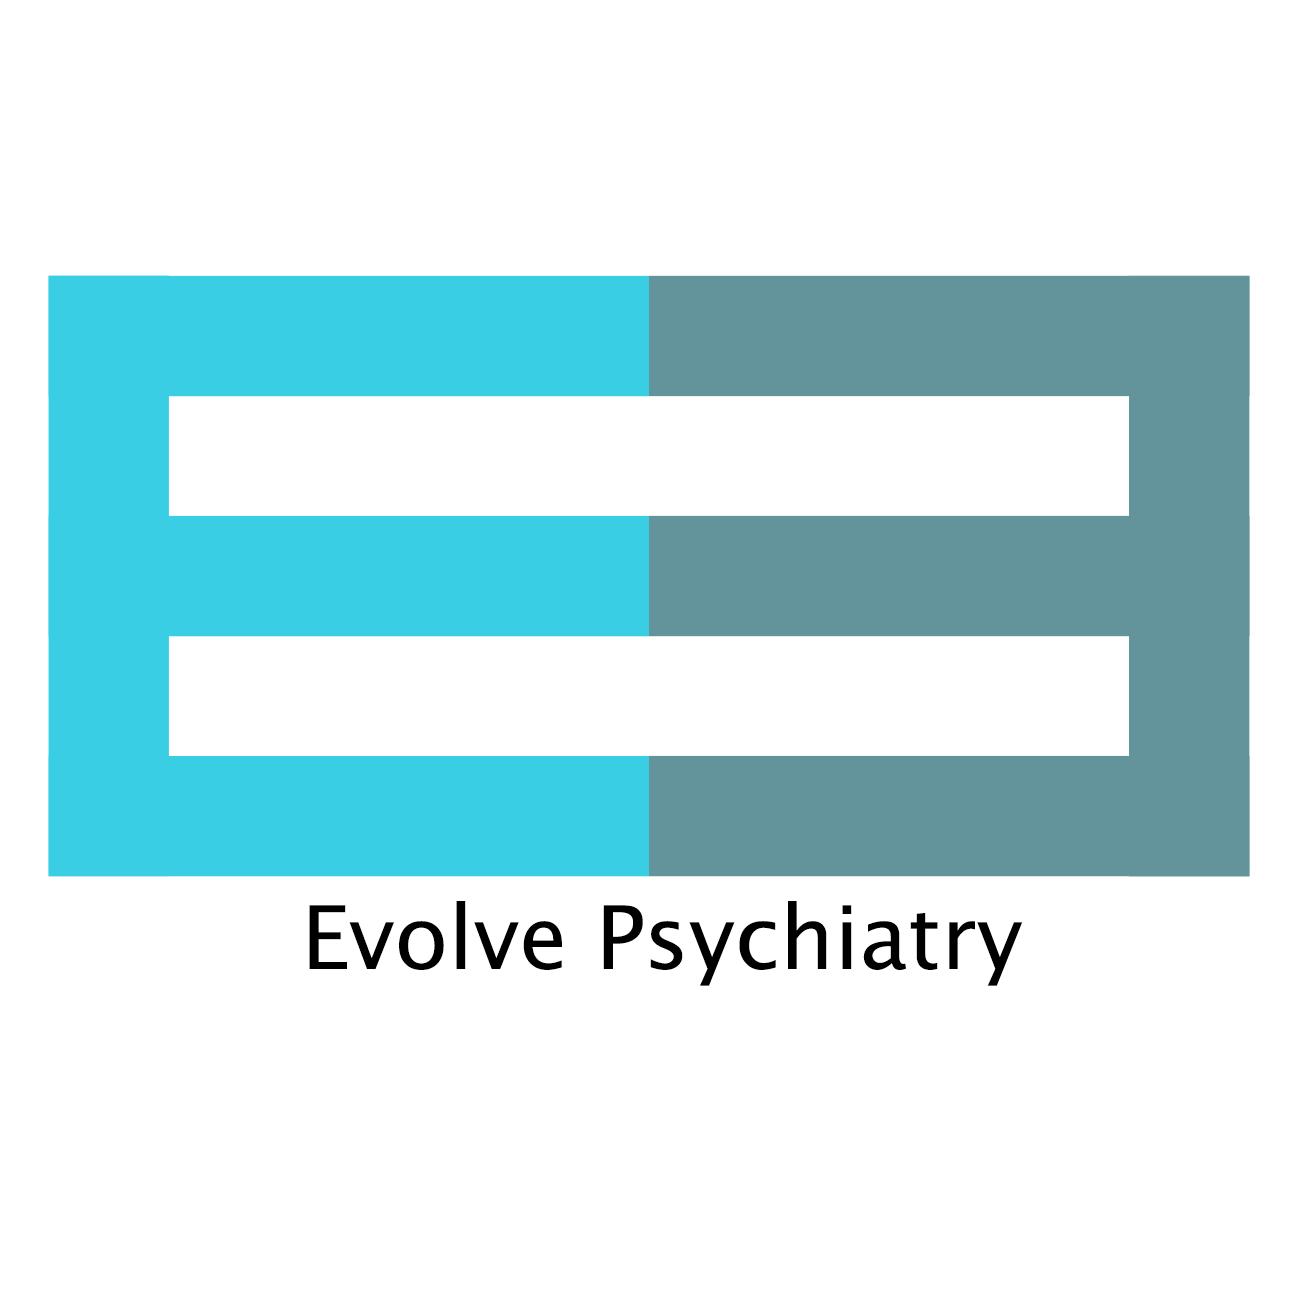 Evolve Psychiatry